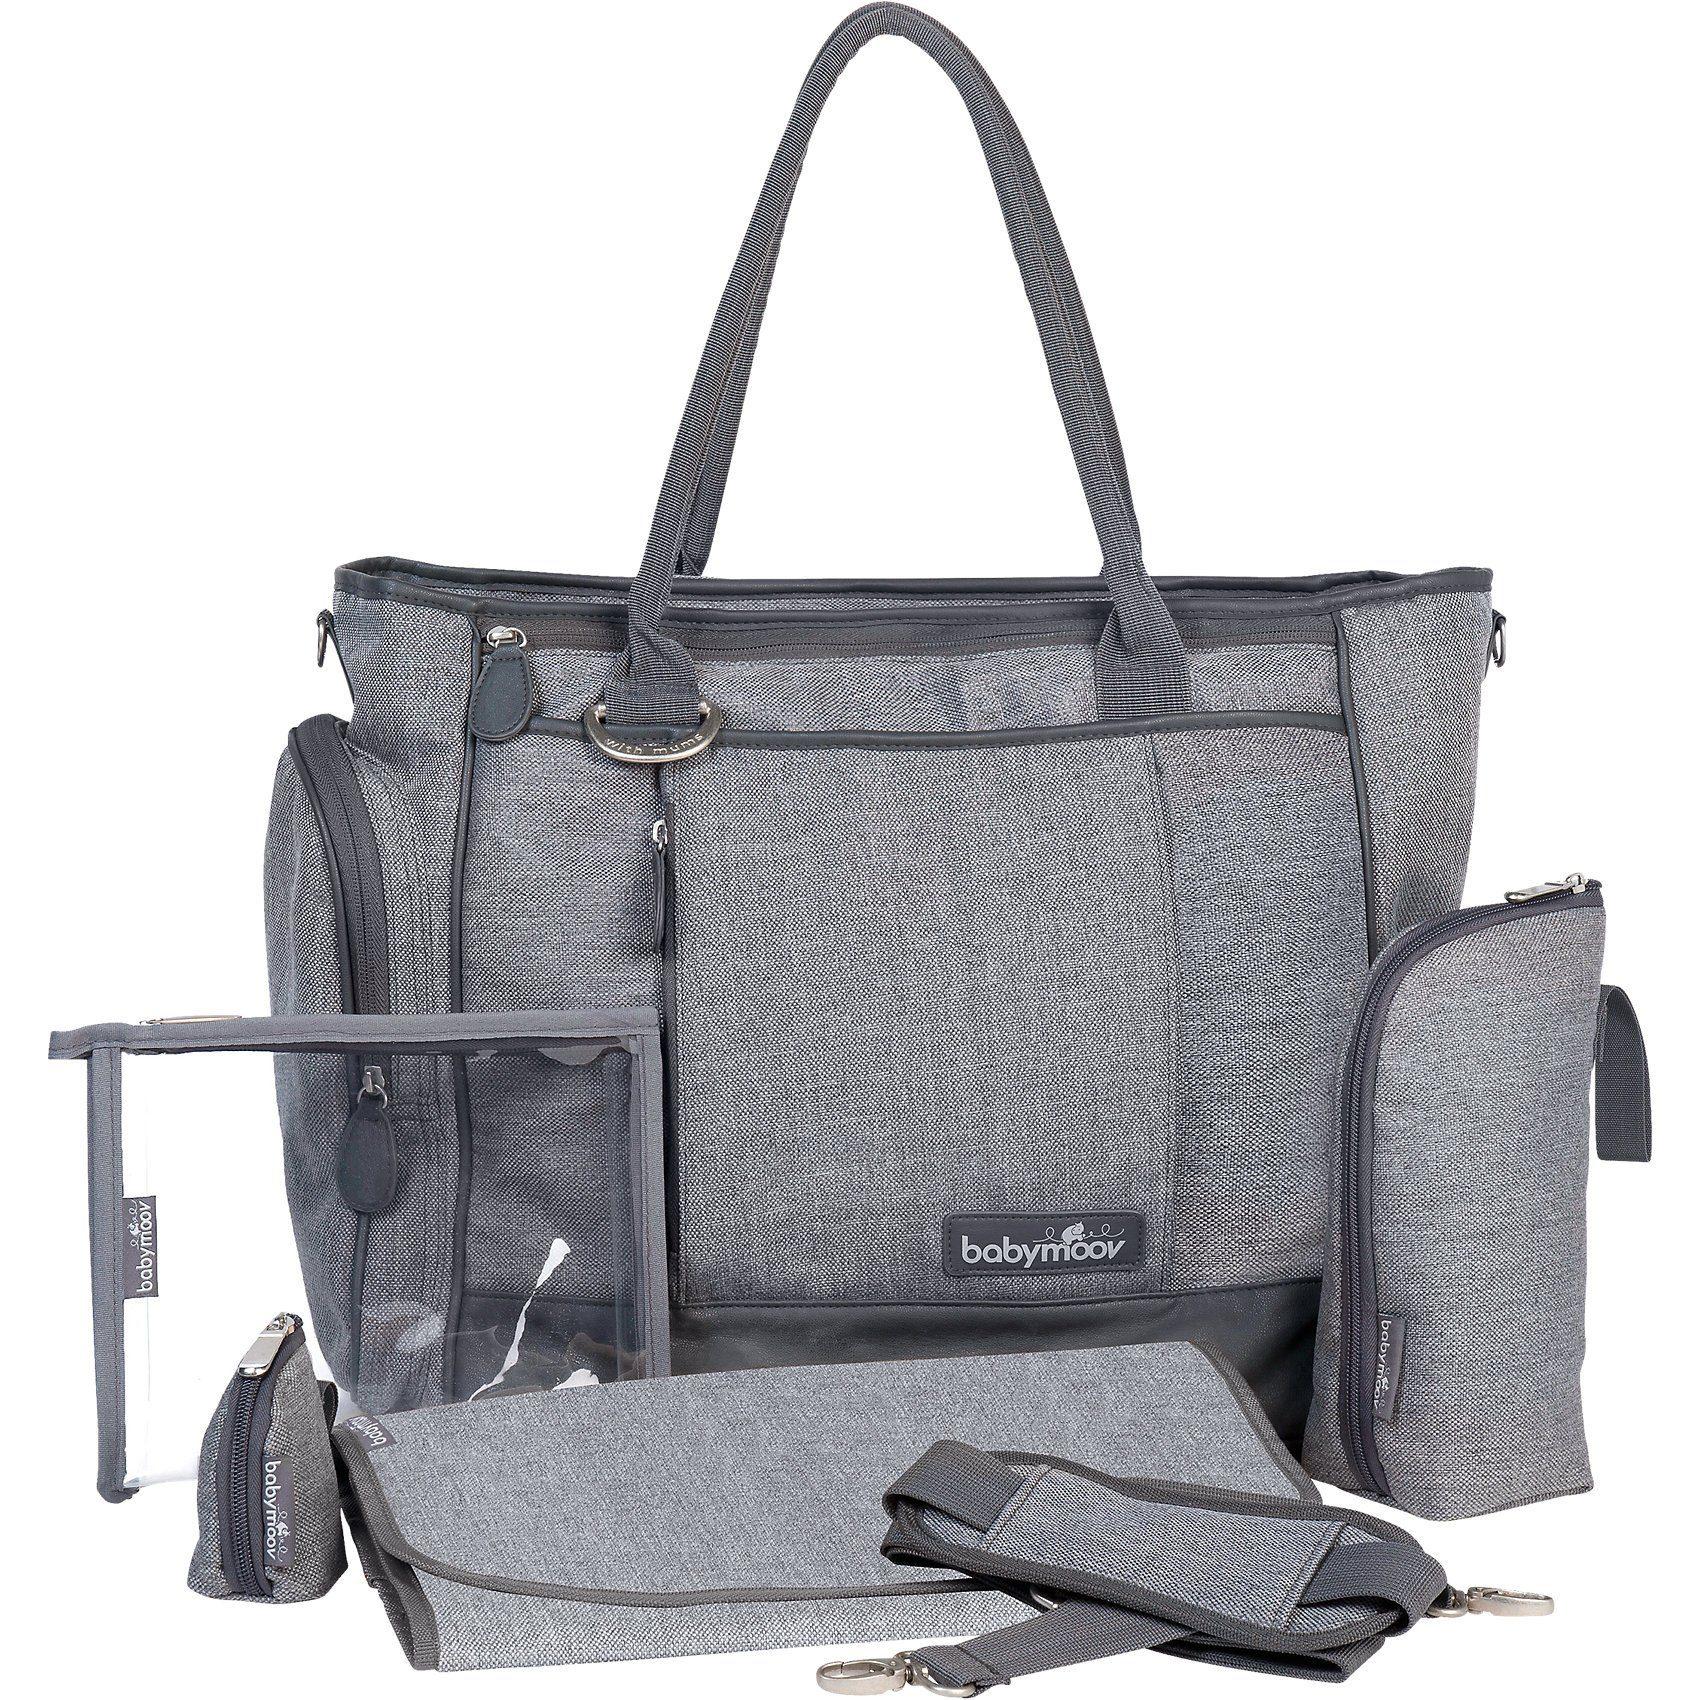 BABYMOOV Wickeltasche Essential Bag, grau meliert   OTTO